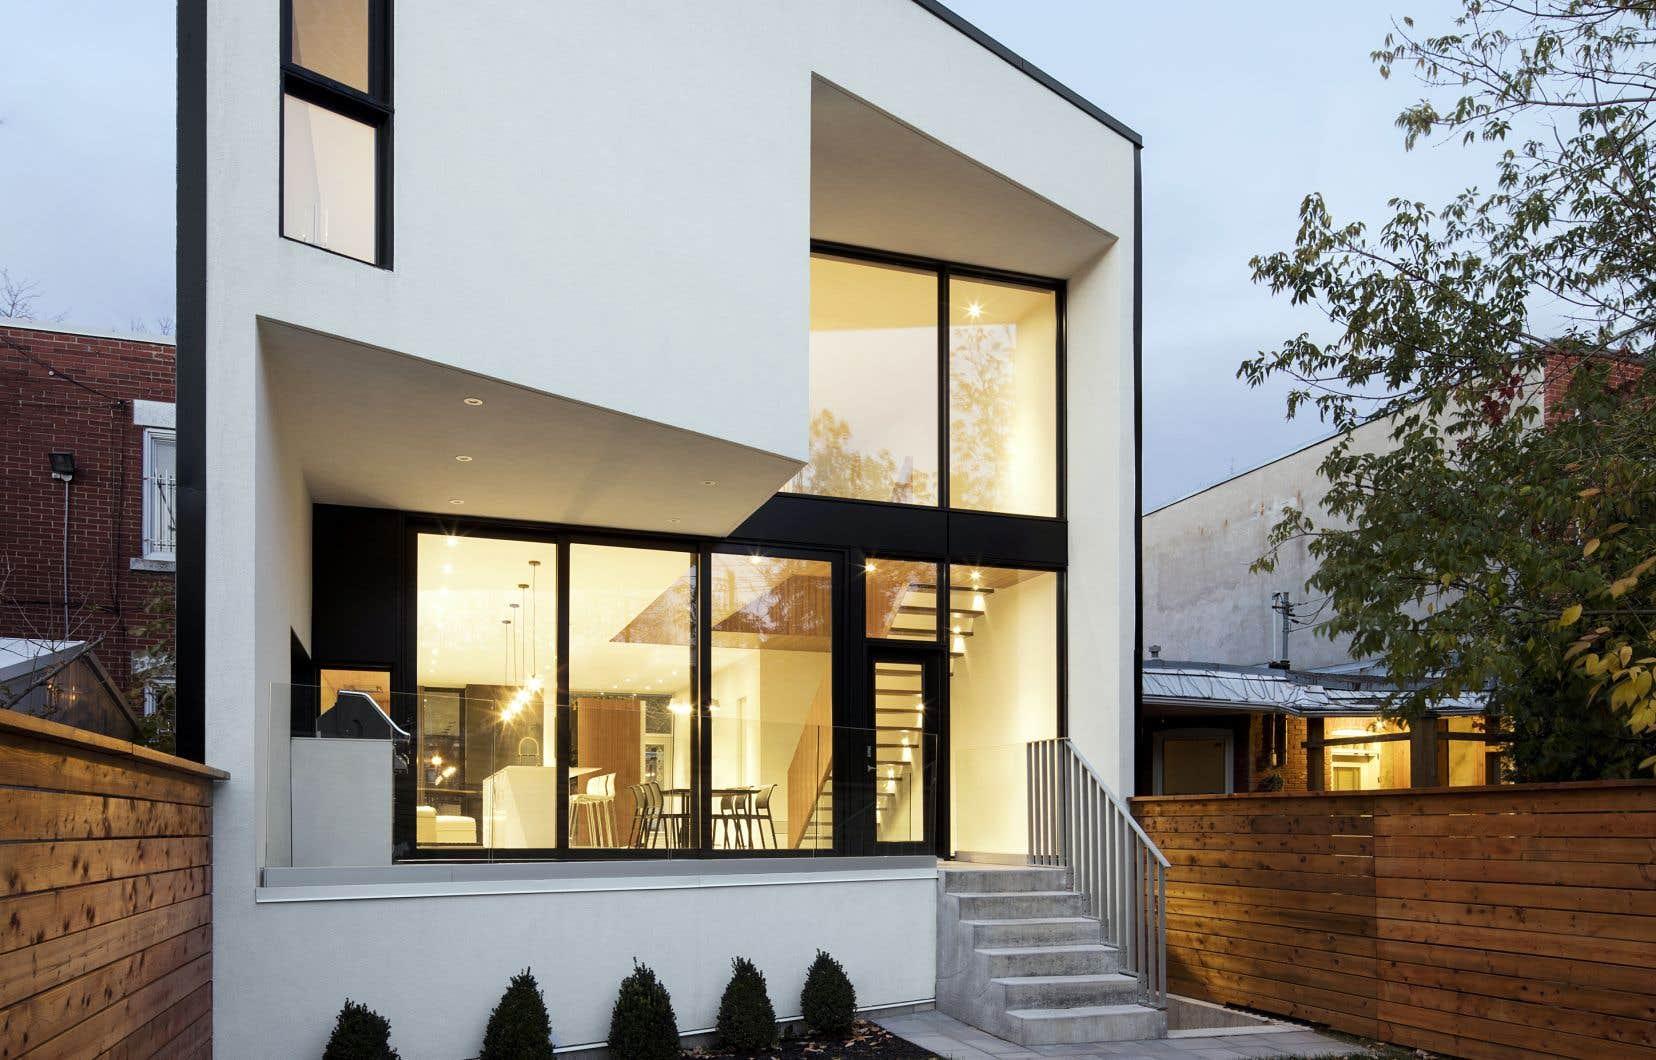 La fenestration de la façade arrière de la Maison 1ère Avenue, par Microclimat, permet de profiter de la luminosité et de créer une continuité vers l'extérieur.